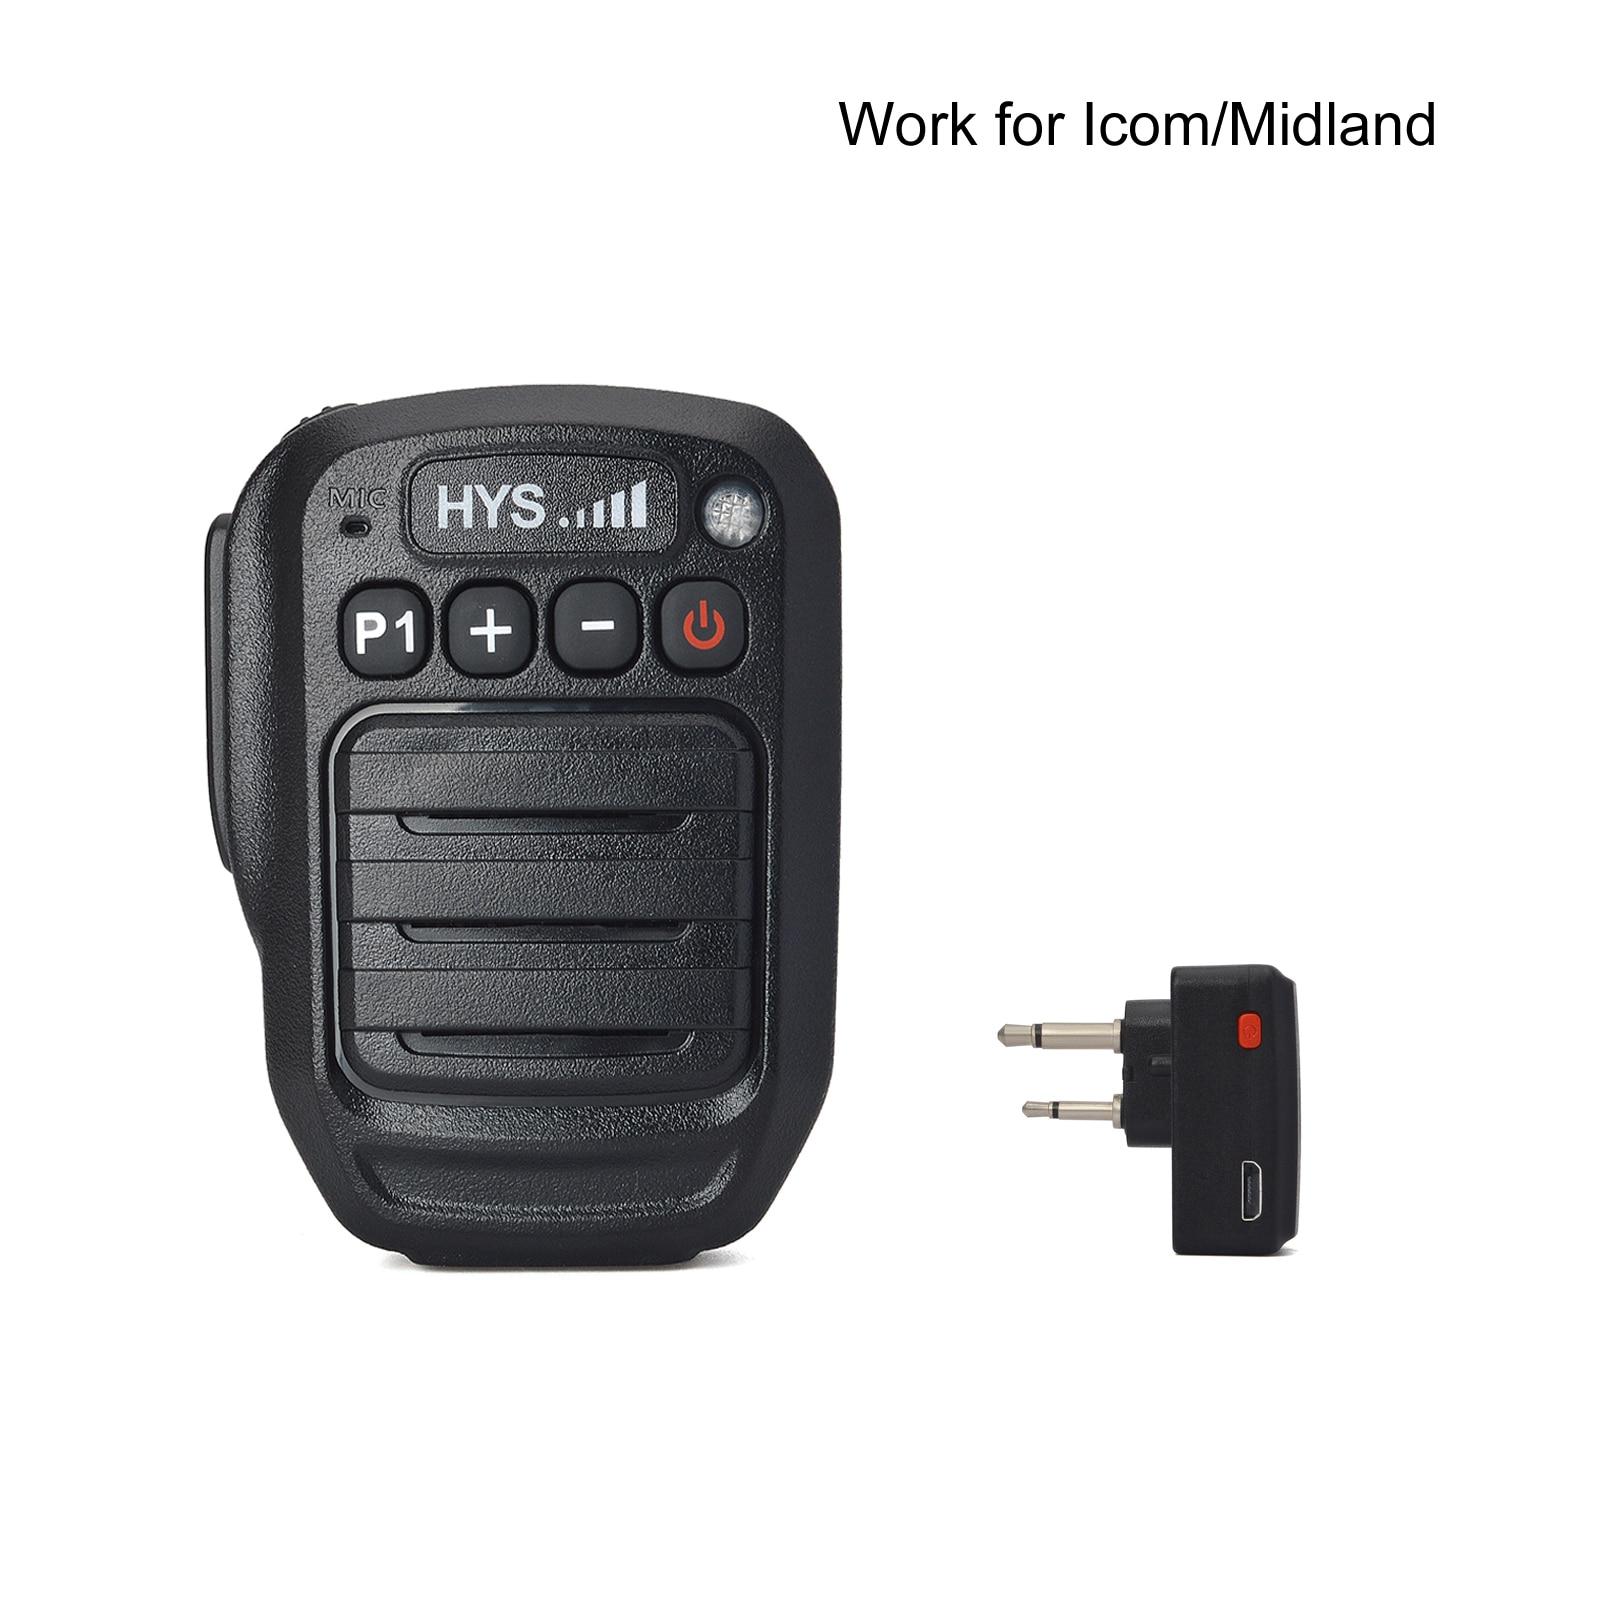 HYS بلوتوث اللاسلكية يده كتف رئيس ميكروفون للماء ل ميدلاند LXT80 LXT110 ICOM IC-F4 F20 هام 2 راديو الطريق